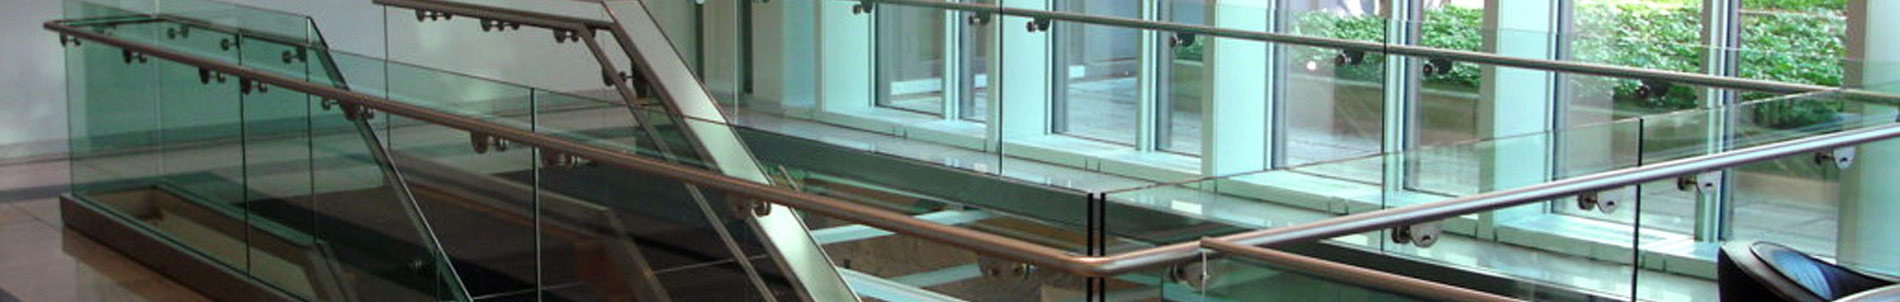 Theodor Schulz - Glas Anstrich Fussboden Flachdach - Münster - Verglasung